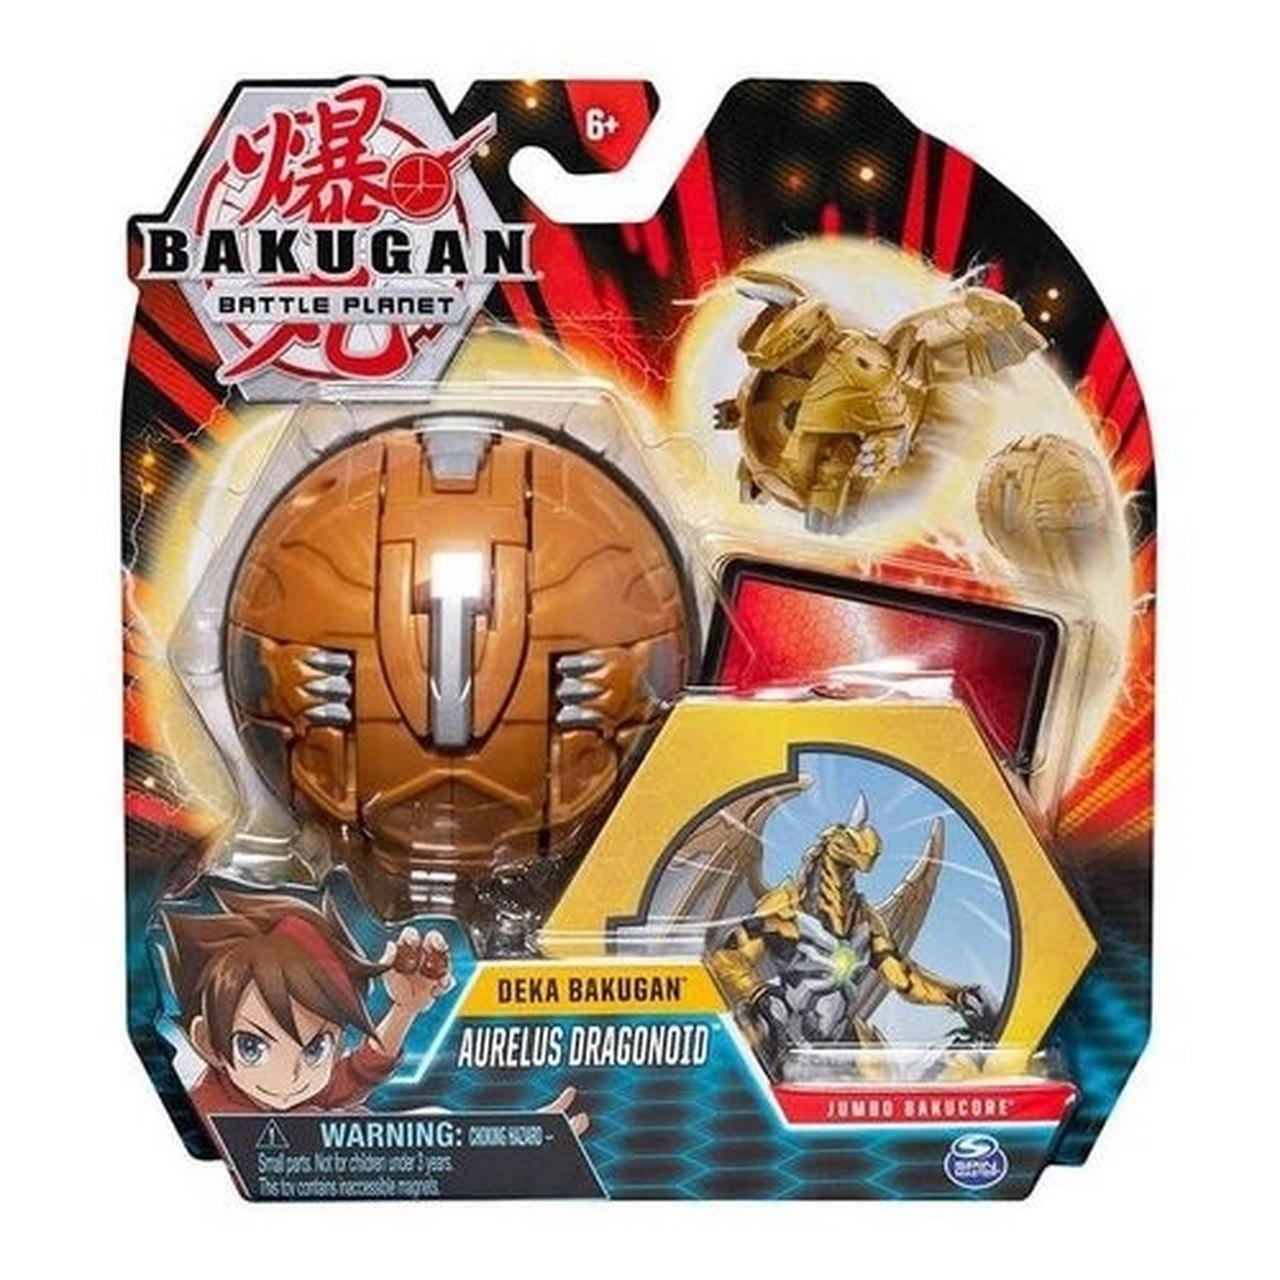 Esfera Gigante Aurelus Dragonoid: Bakugan Battle Planet (Deka Bakugan) - Sunny